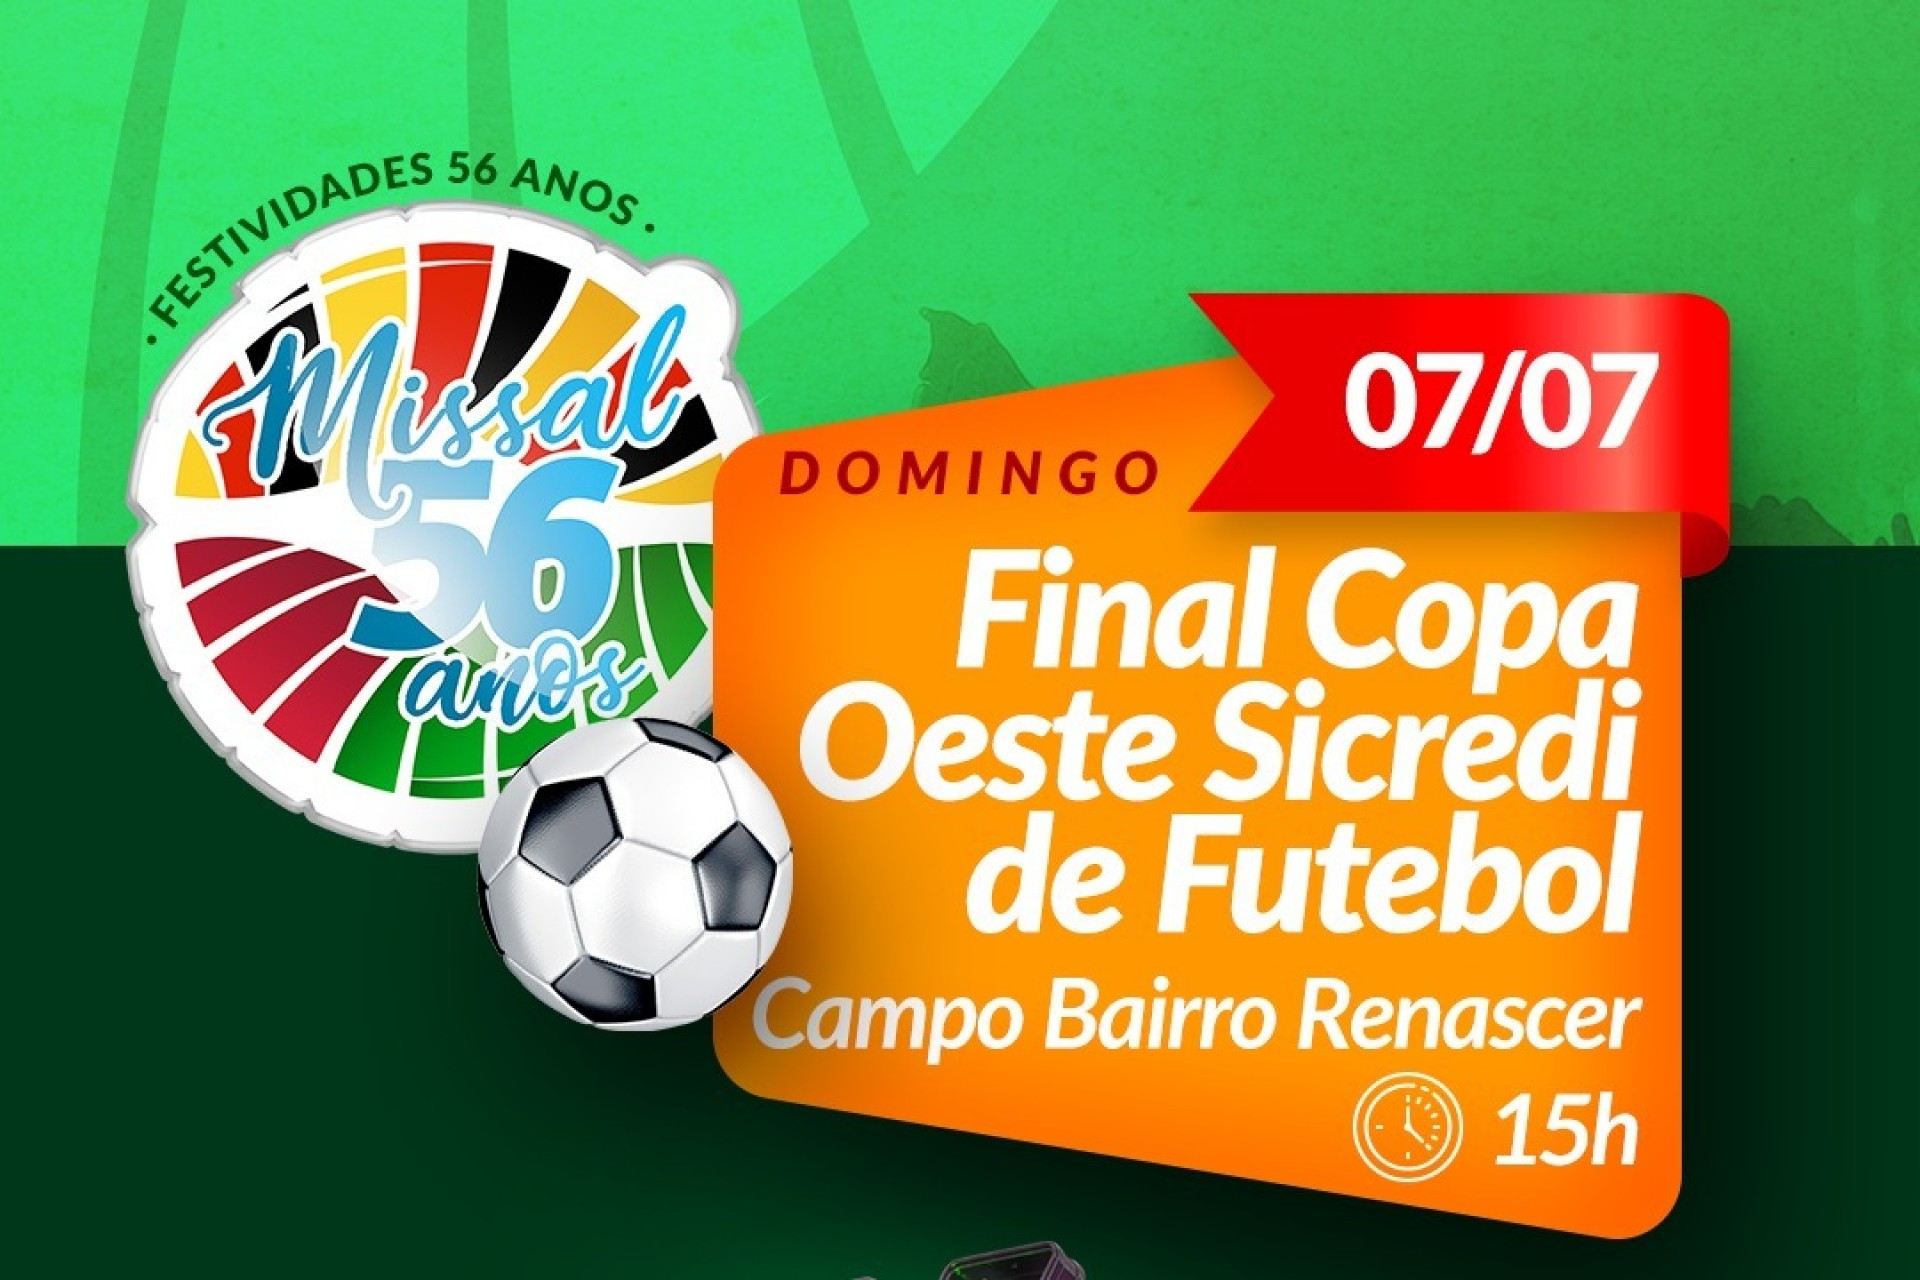 Rede Costa Oeste de Comunicação transmite final da Copa Oeste Sicredi de Futebol no próximo domingo